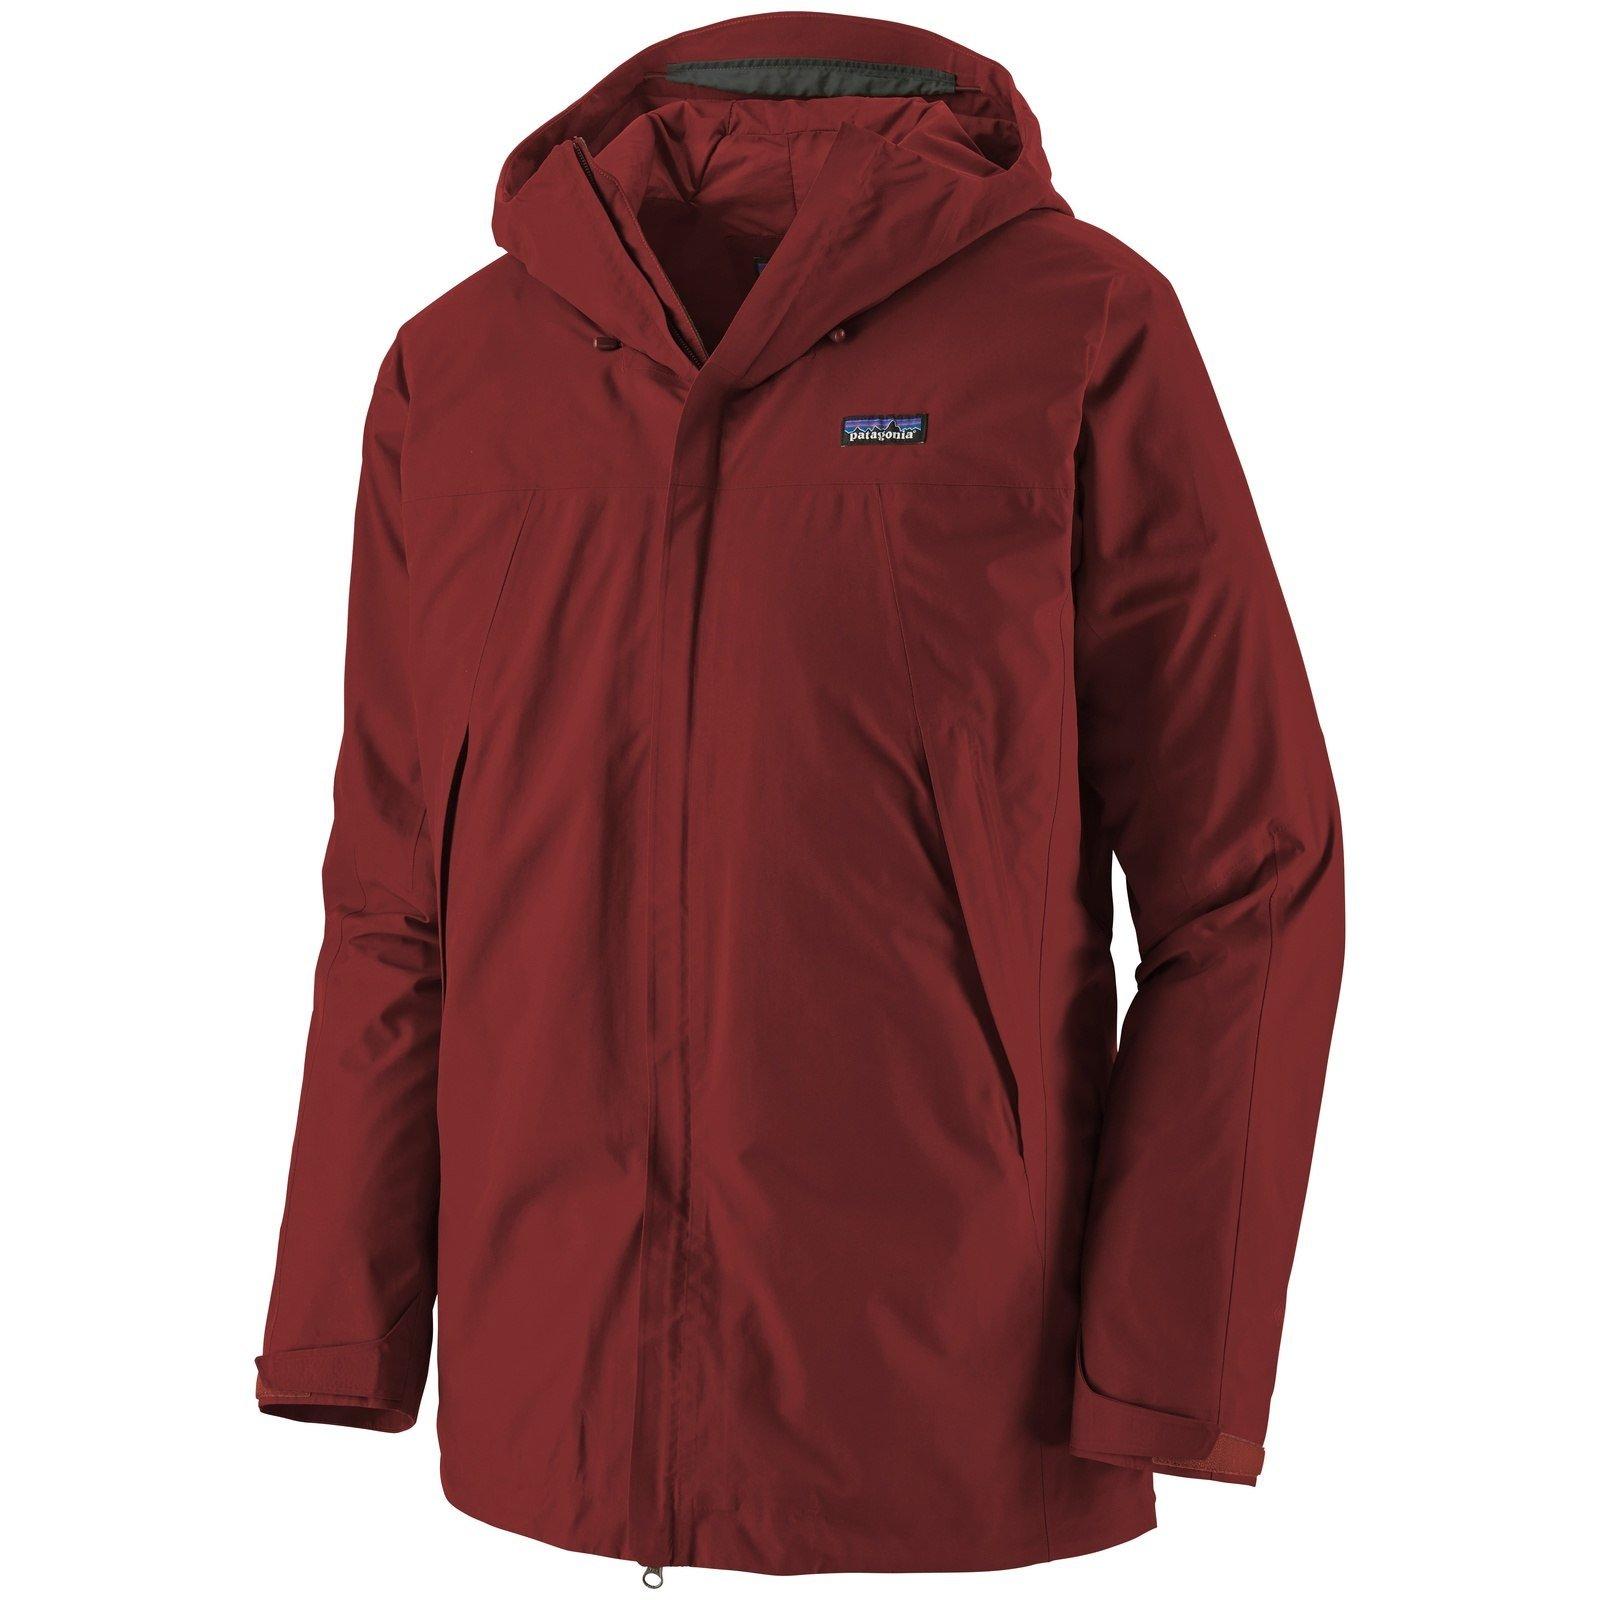 Patagonia M's Departer Jacket